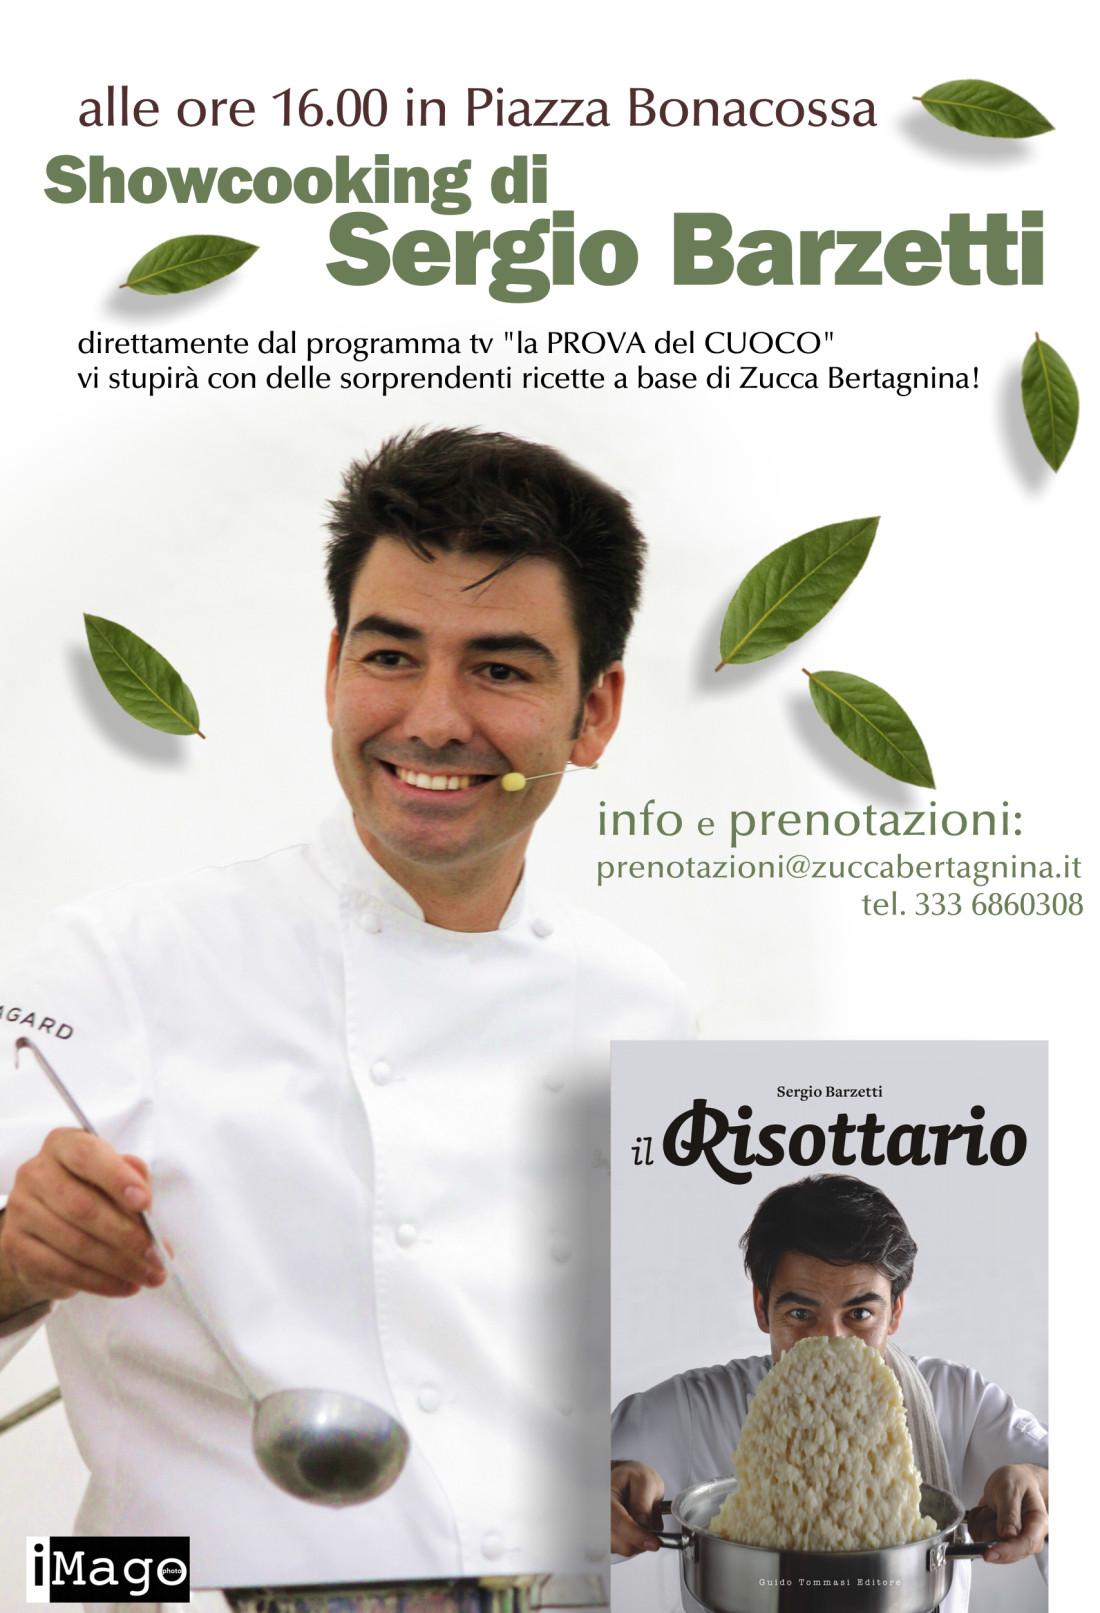 Sergio Barzetti alla Sagra della Zucca